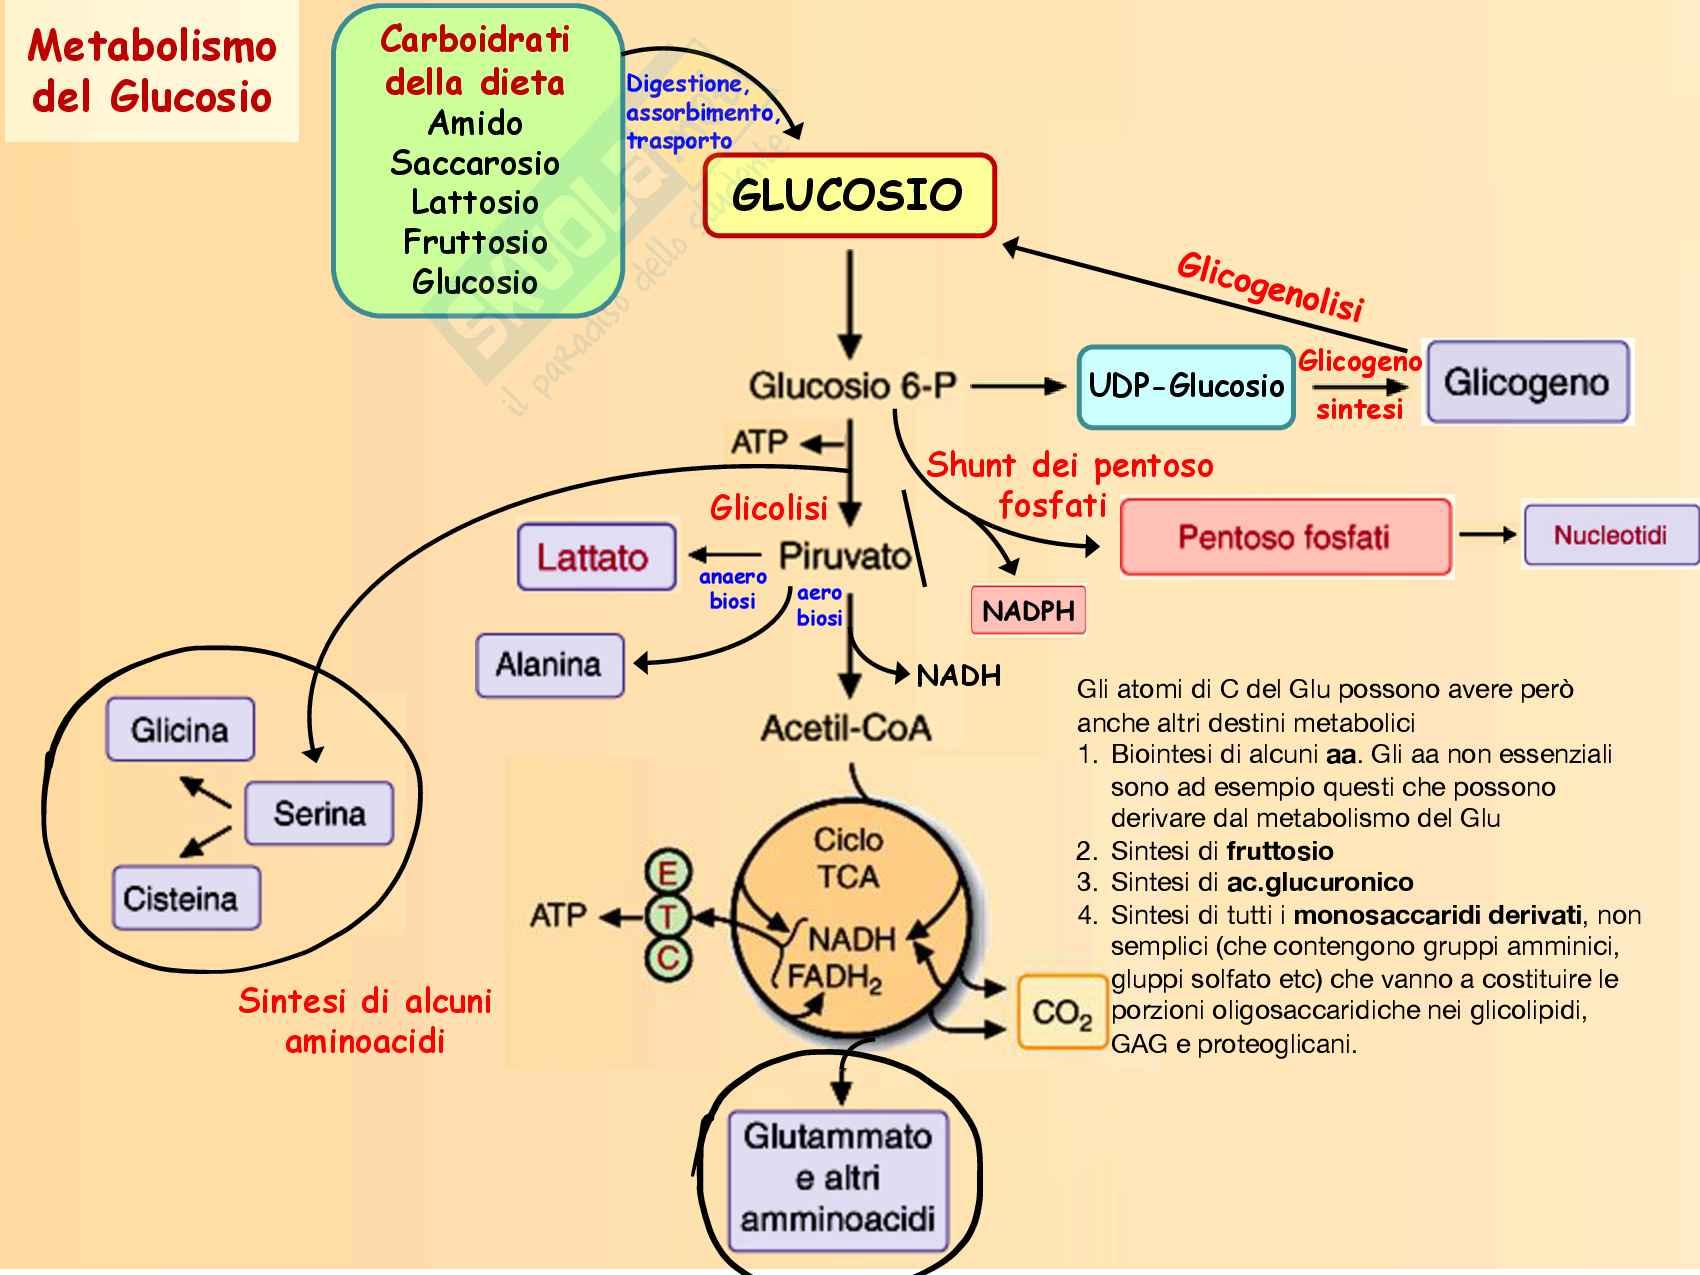 7 Altri destini metabolici del glucosio, sintesi di Fruttosio, Galattosio, lattosio, acido glucuronico e aminoderivati